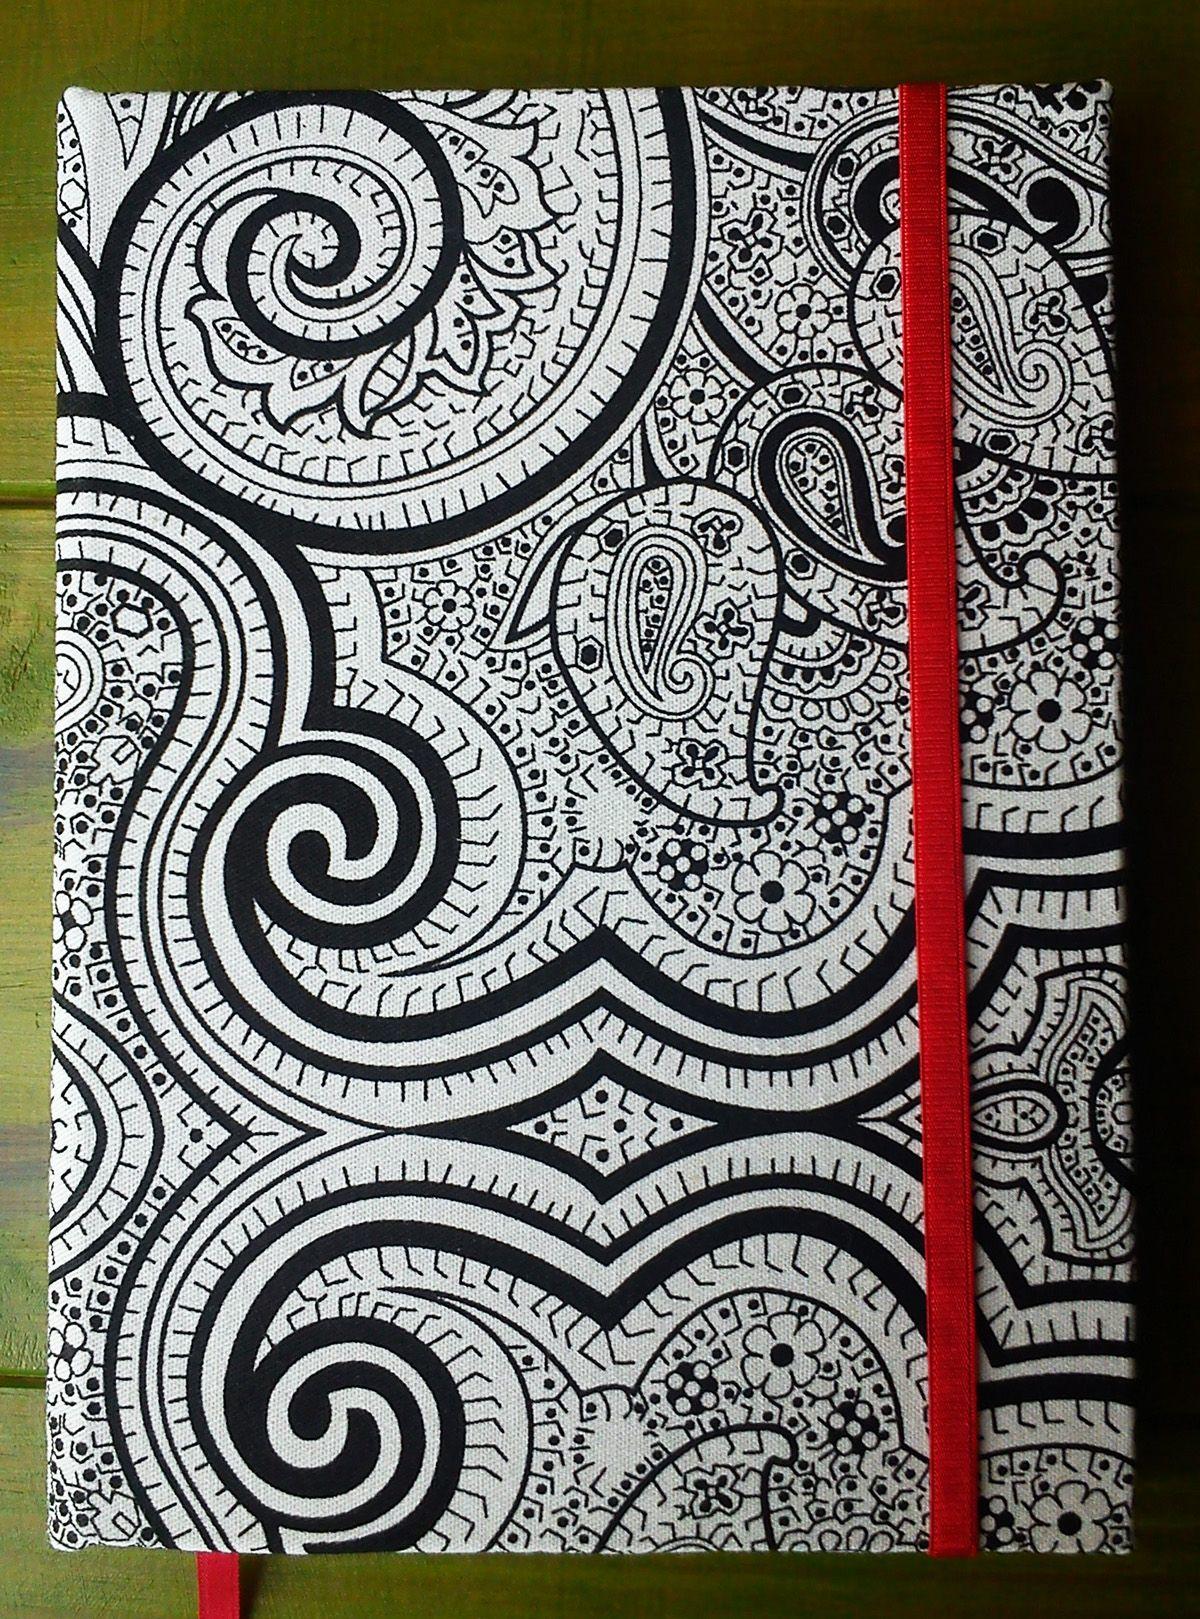 Tamaño 15cm x 21 cm  80 hojas lisas bookcel